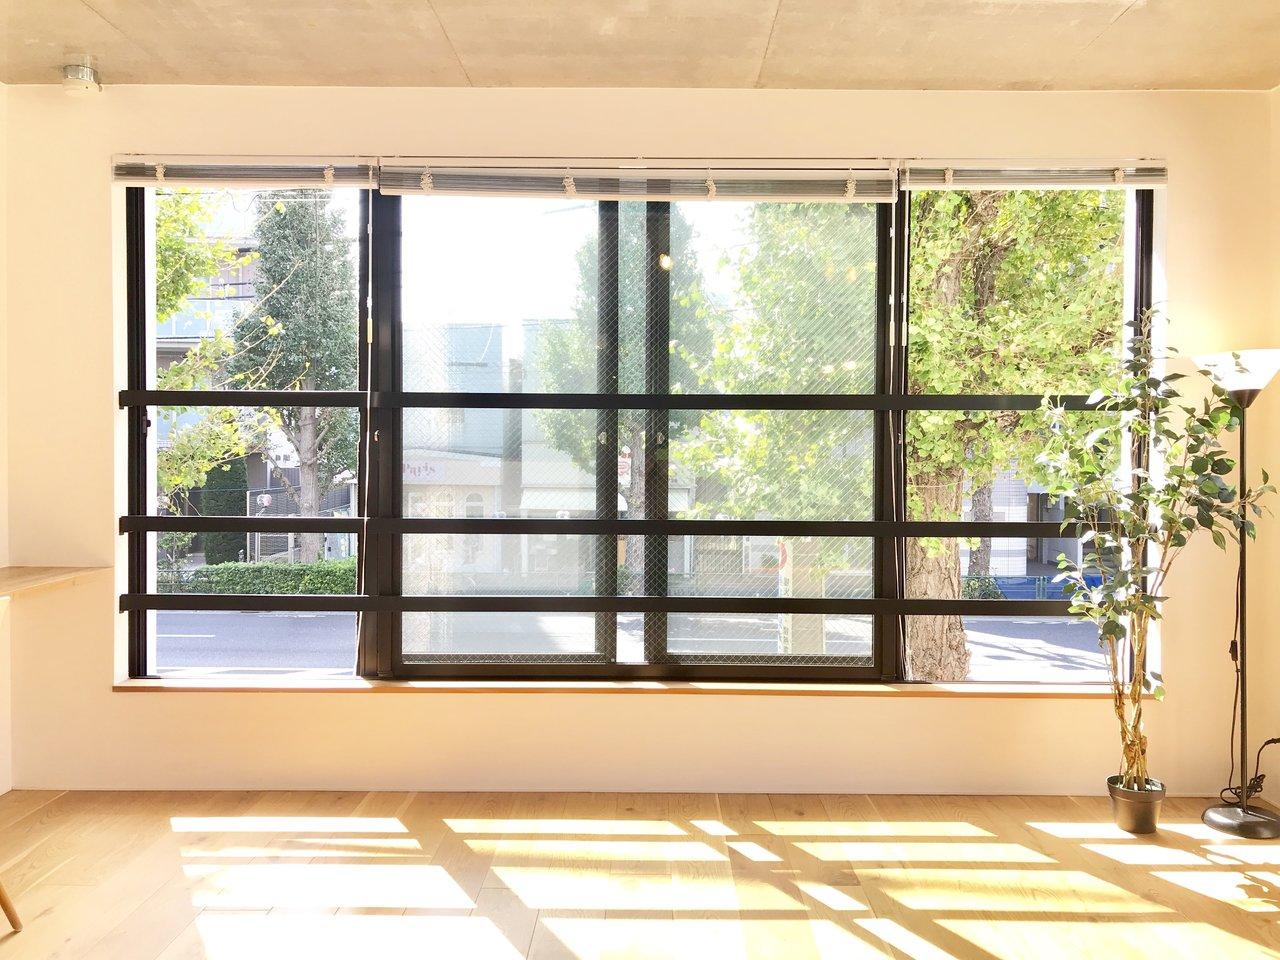 ぬくもりのある、肌ざわりの無垢床と、大きな2面採光の窓が特徴的な気持ちのいいお部屋。壁や床に映る木漏れ日がお部屋を幻想的な空間にしてくれます。